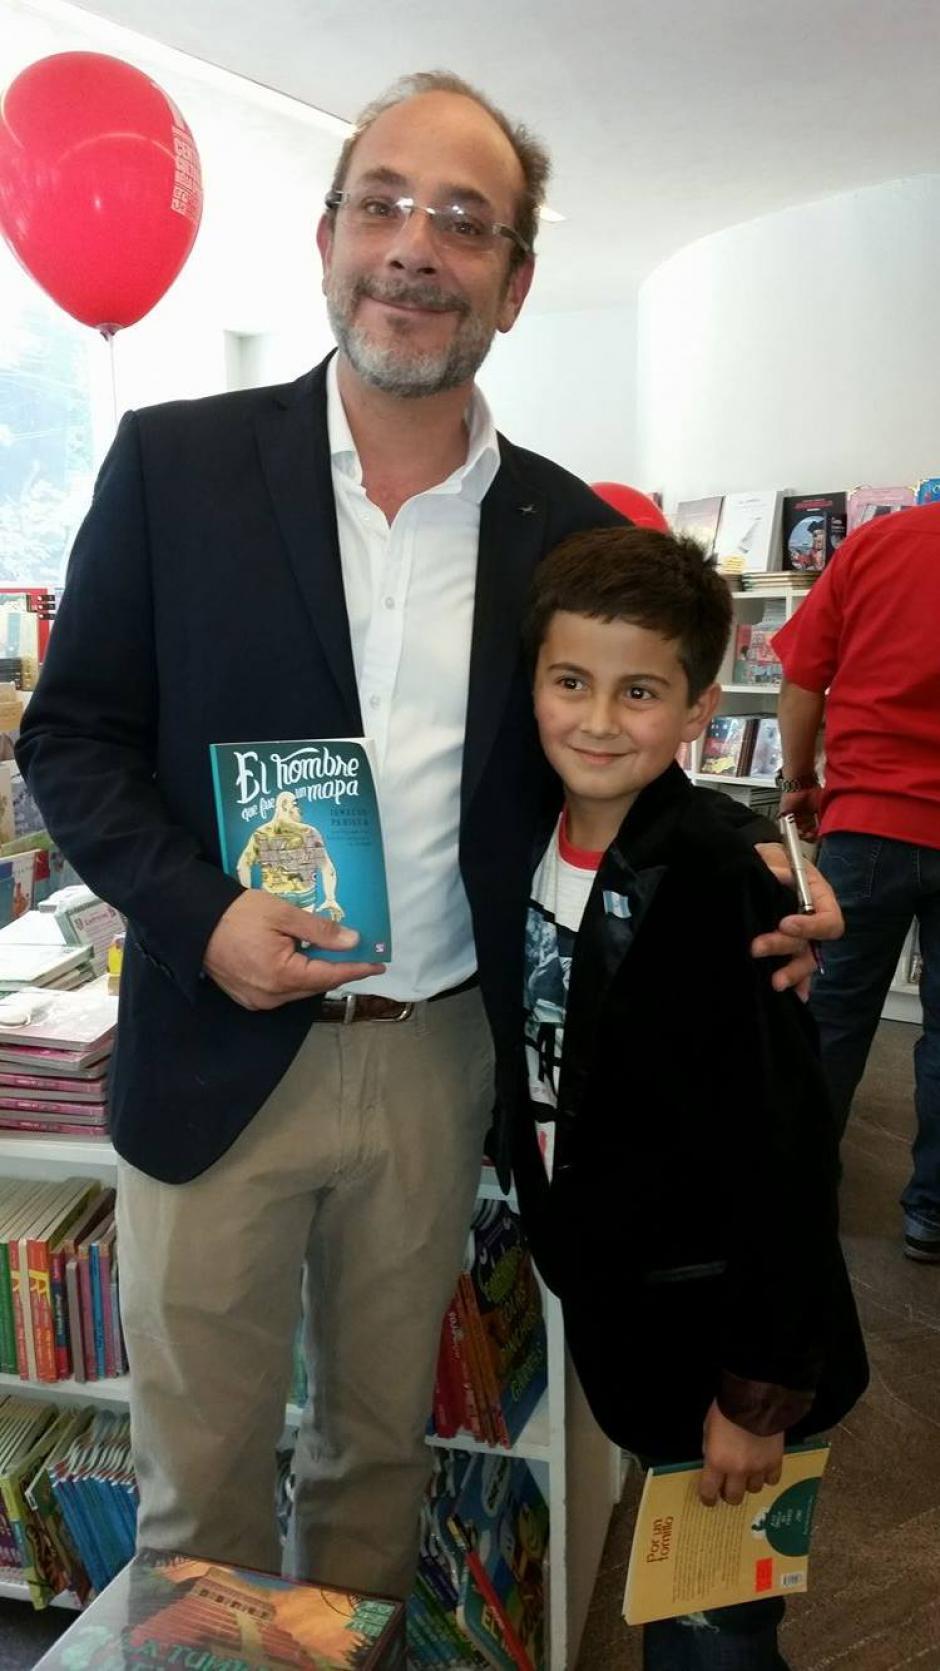 Juan Pablo junto a Ignacio Padilla, autor de El Hombre que fue un Mapa. (Foto: Pablo Franky)